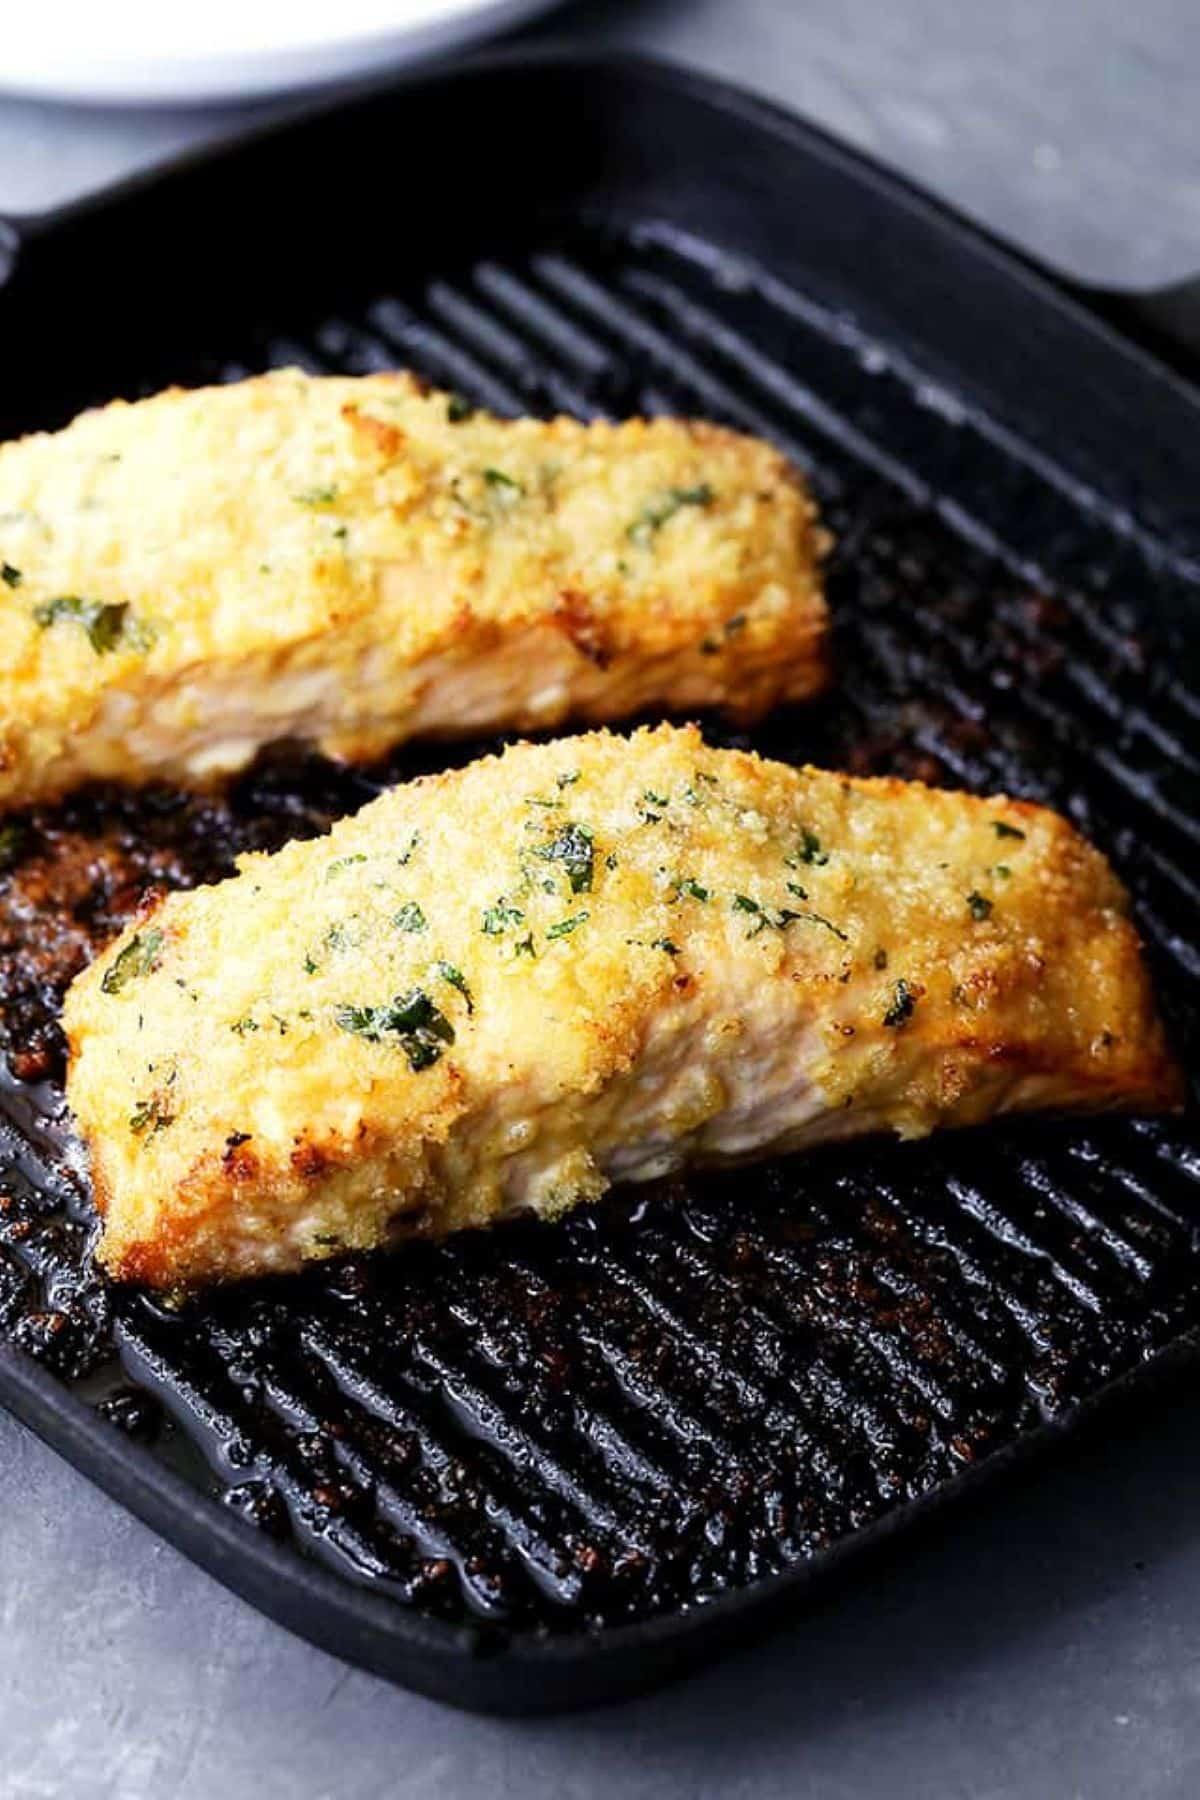 Honey mustard baked salmon on grill pan.